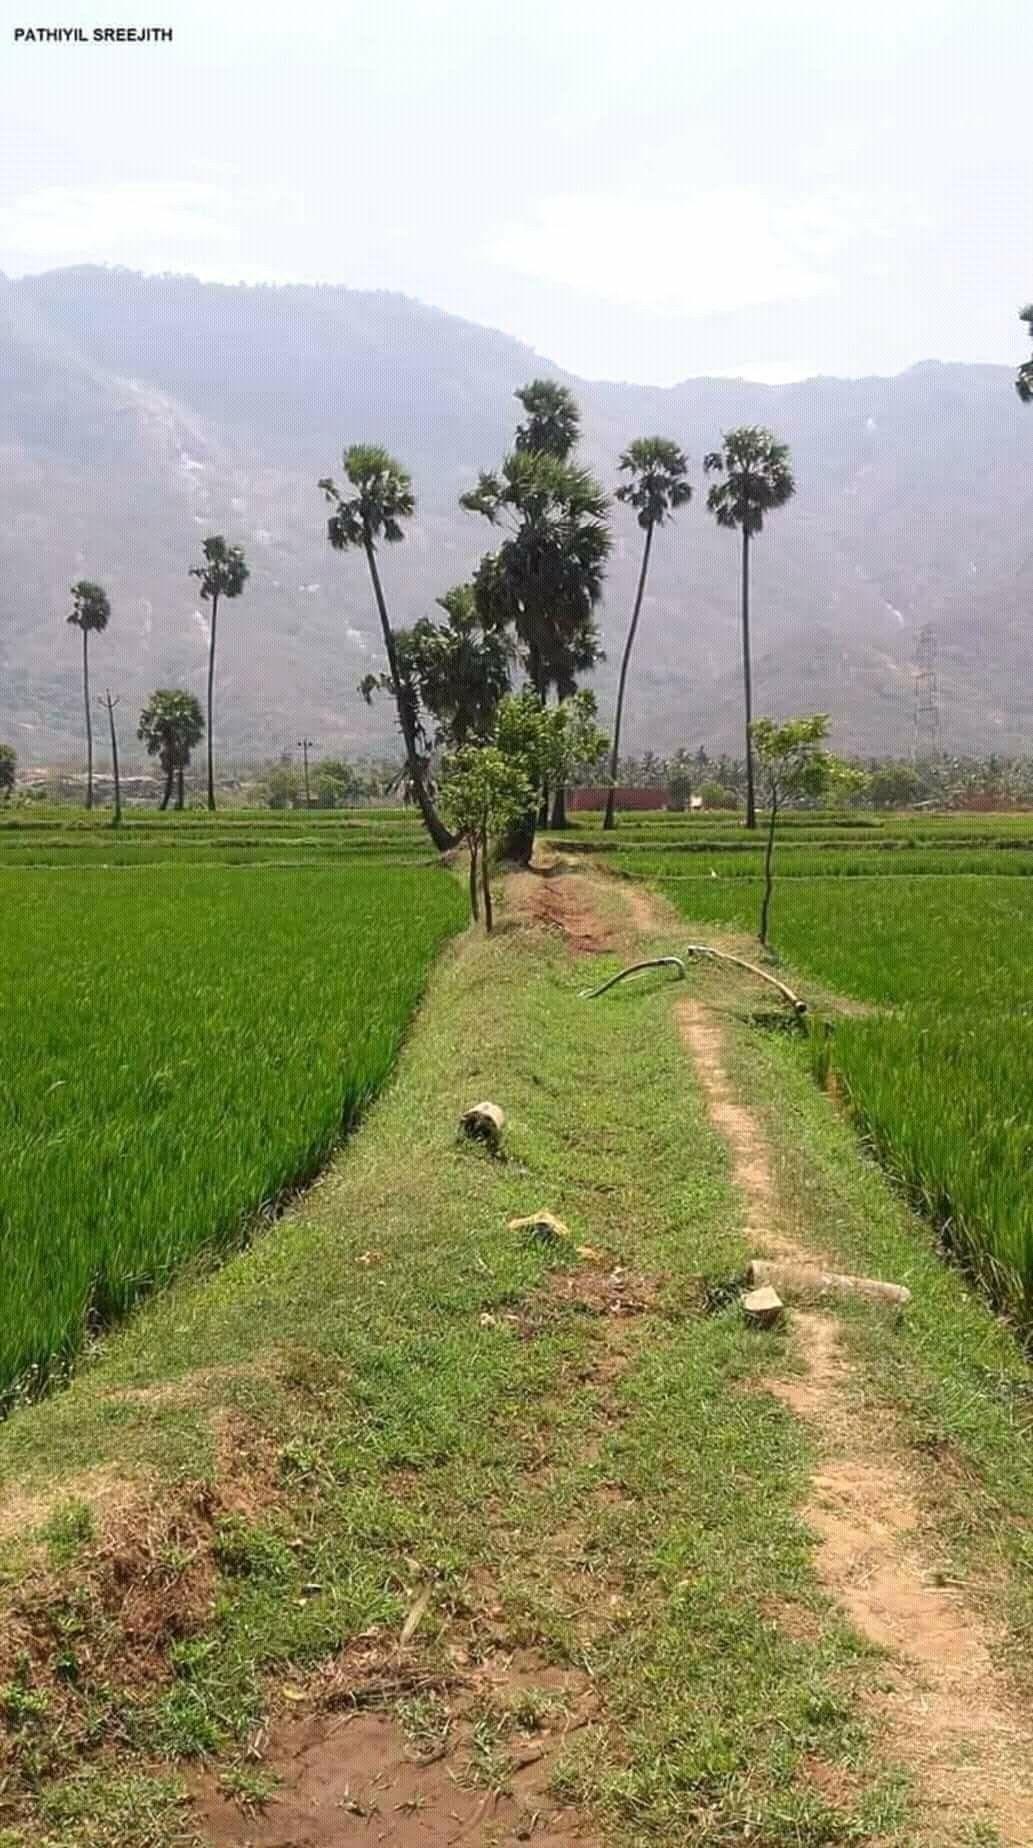 Kerala Palakkad Karimbana Paddy Fields Village Photography